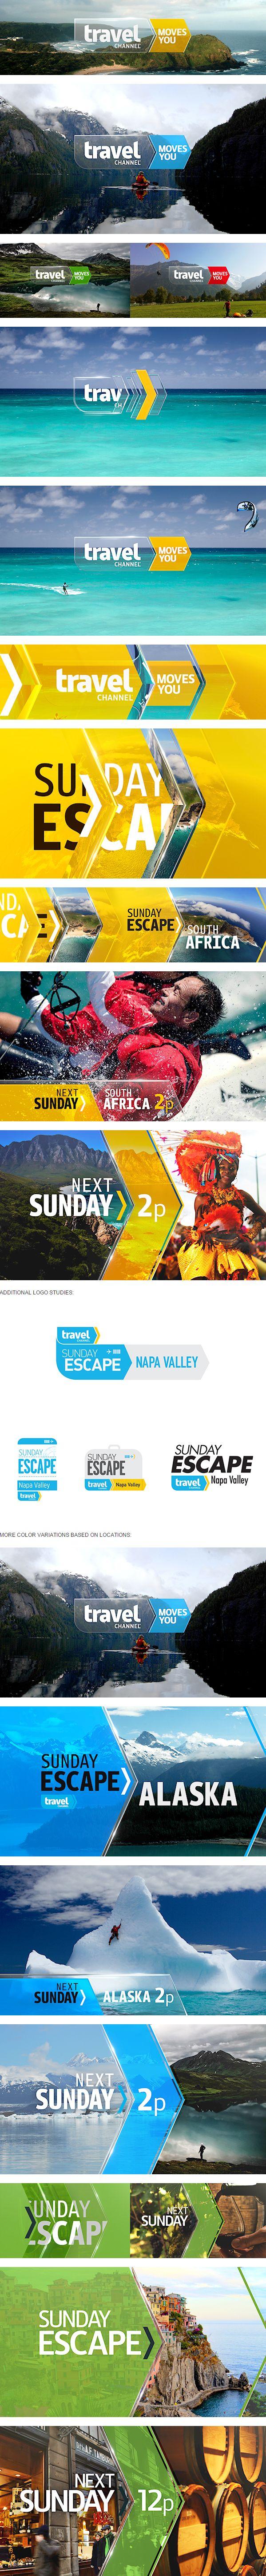 Travel Channel / Sunday Escape -- www.behance.net/gallery/18791401/Travel-Channel-Sunday-Escape